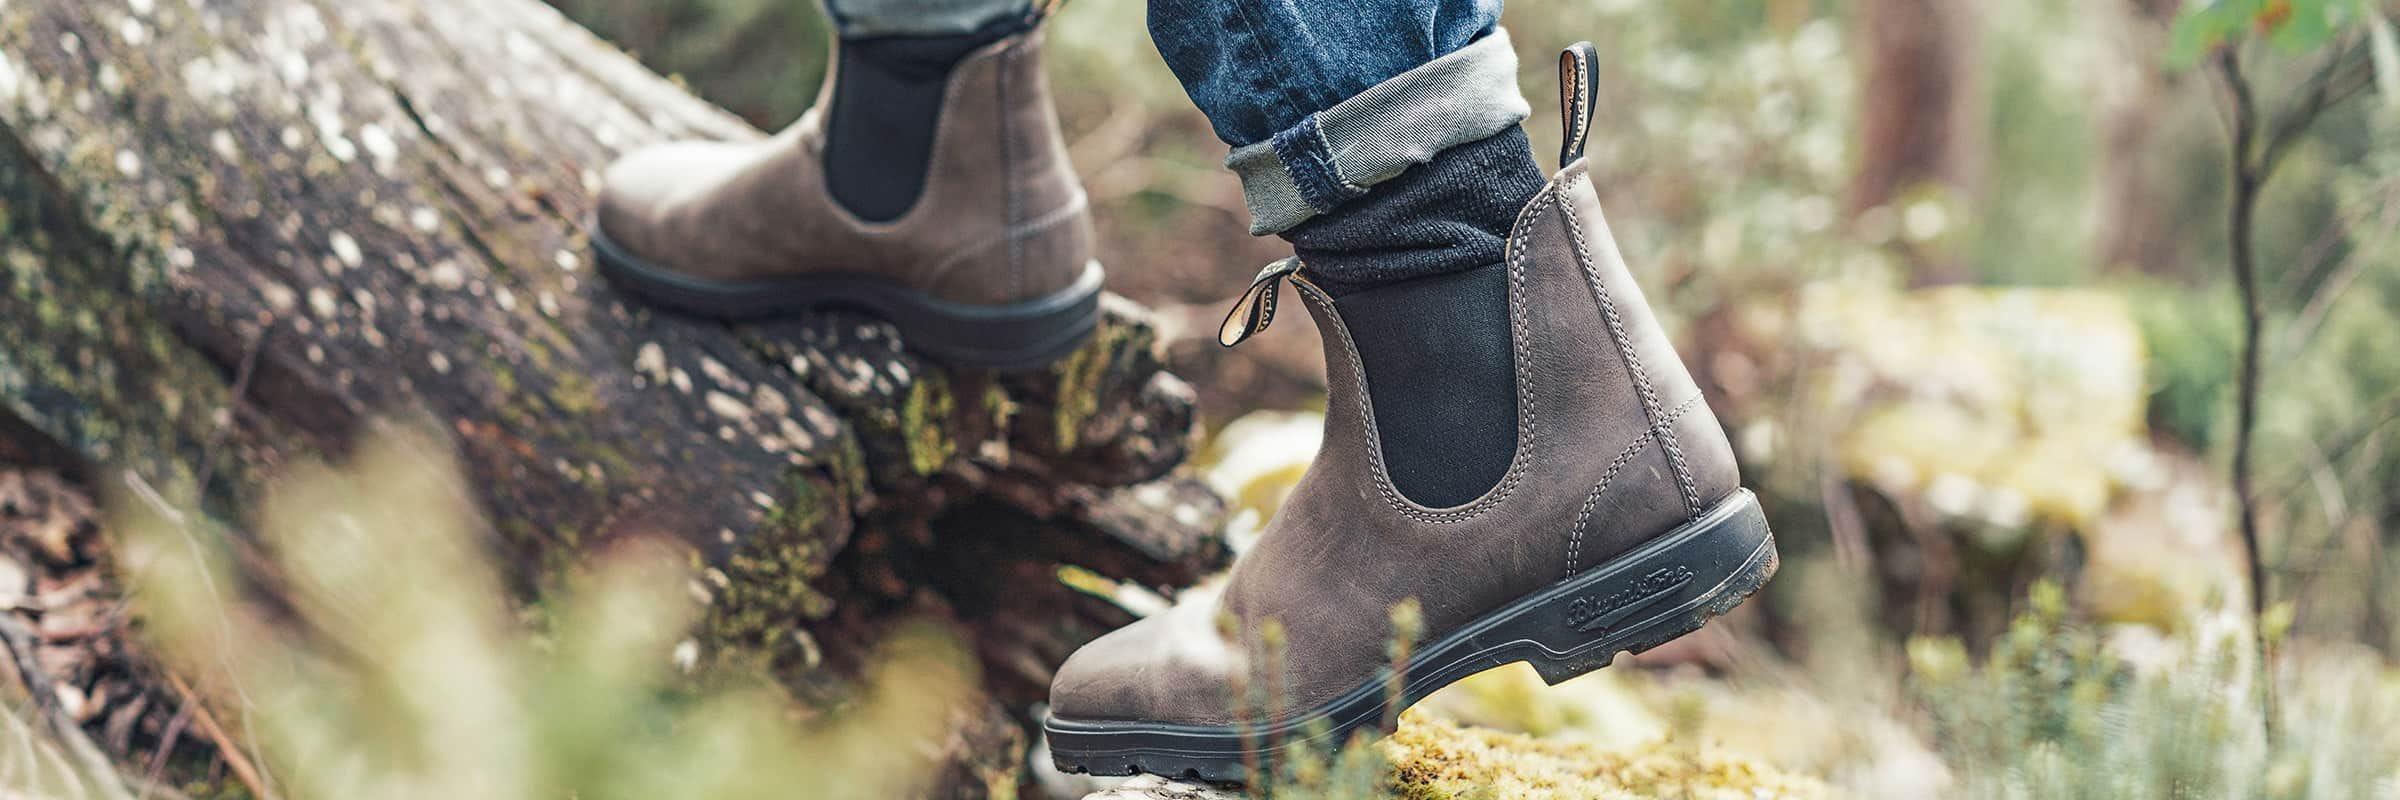 Les plus belles bottes et chaussures pour femme pour survivre à l'automne 2019